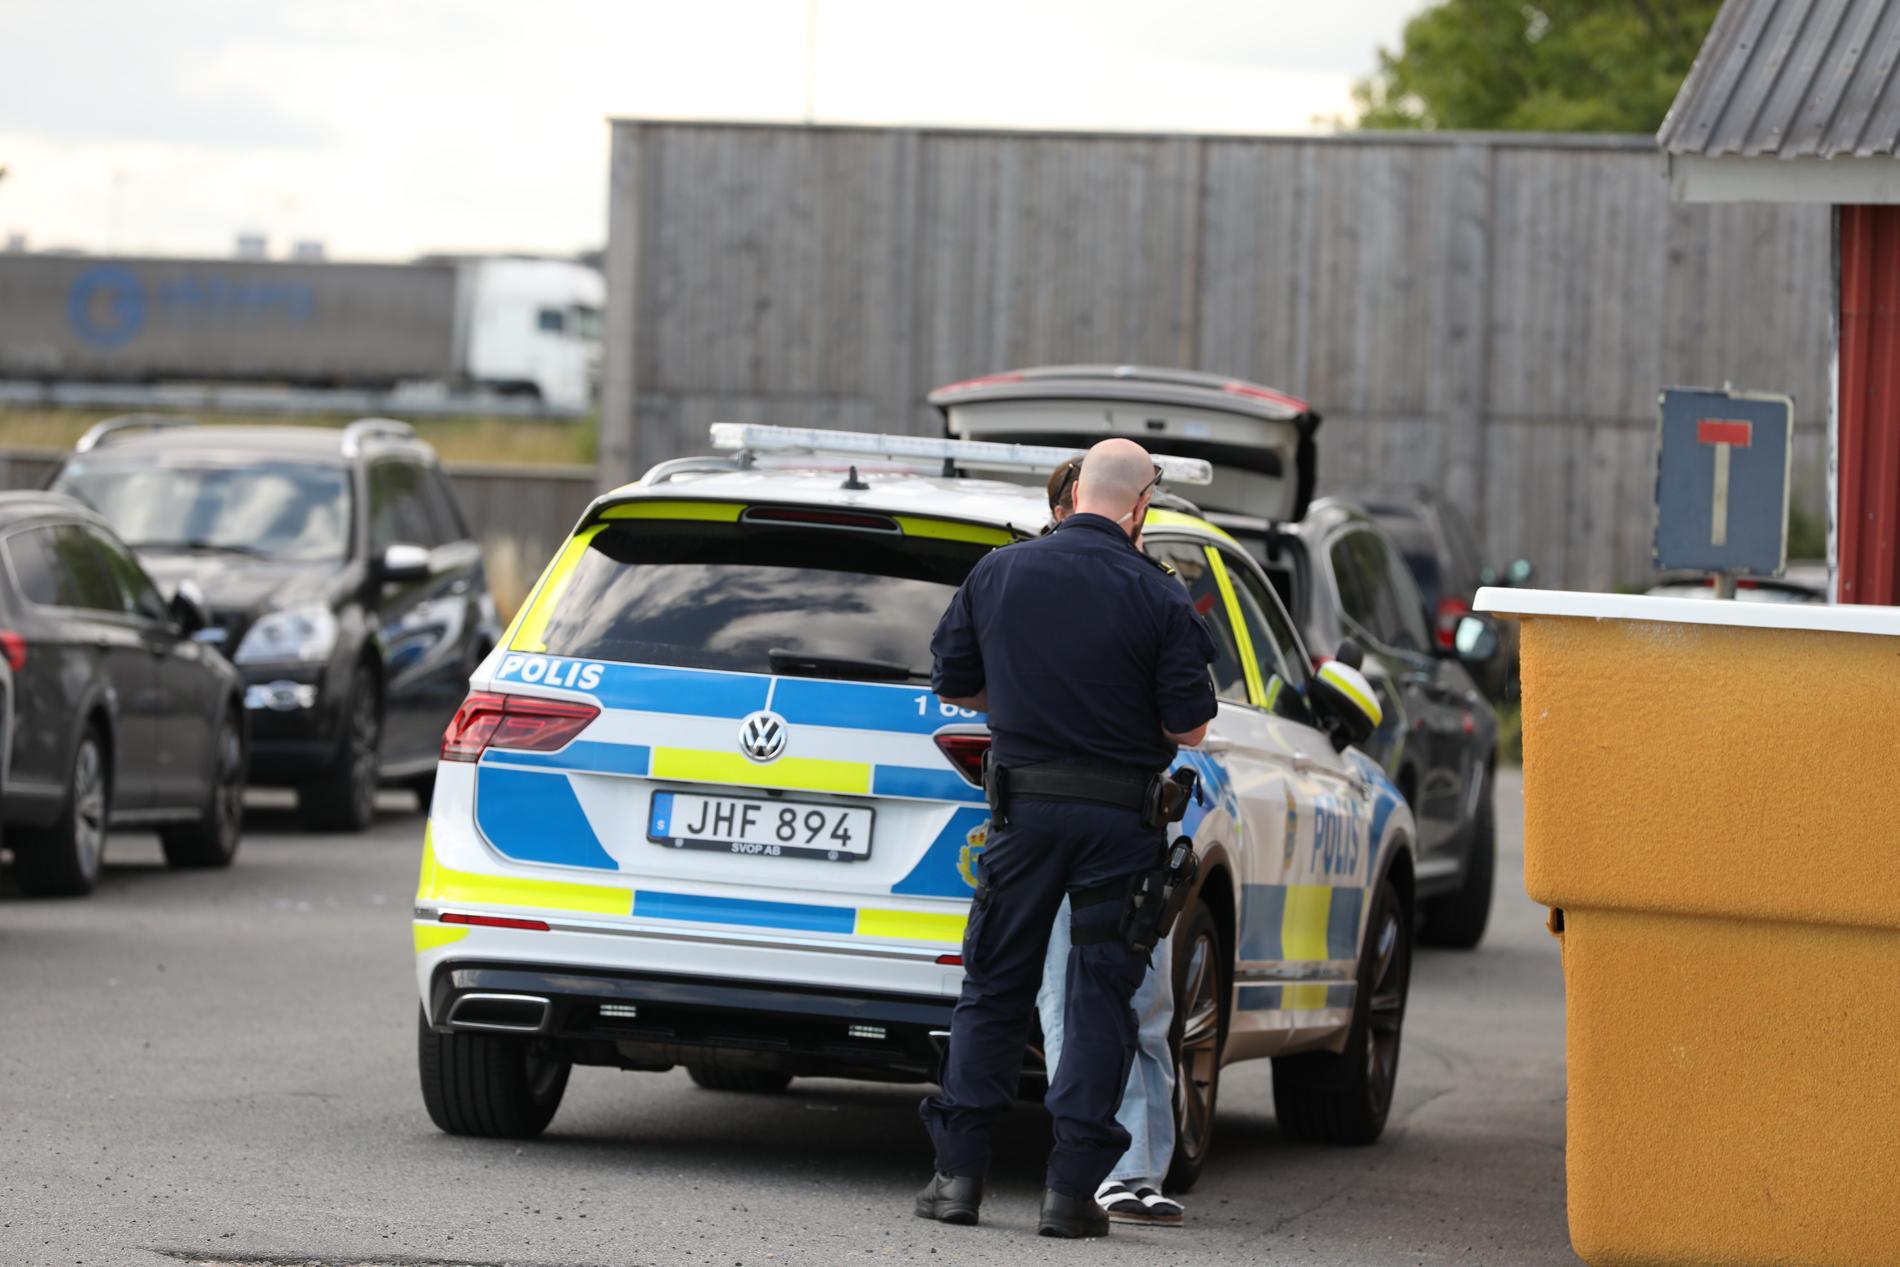 Sedan den 19 juni har fem misstänkta skottlossningar inträffat i Kristianstad.